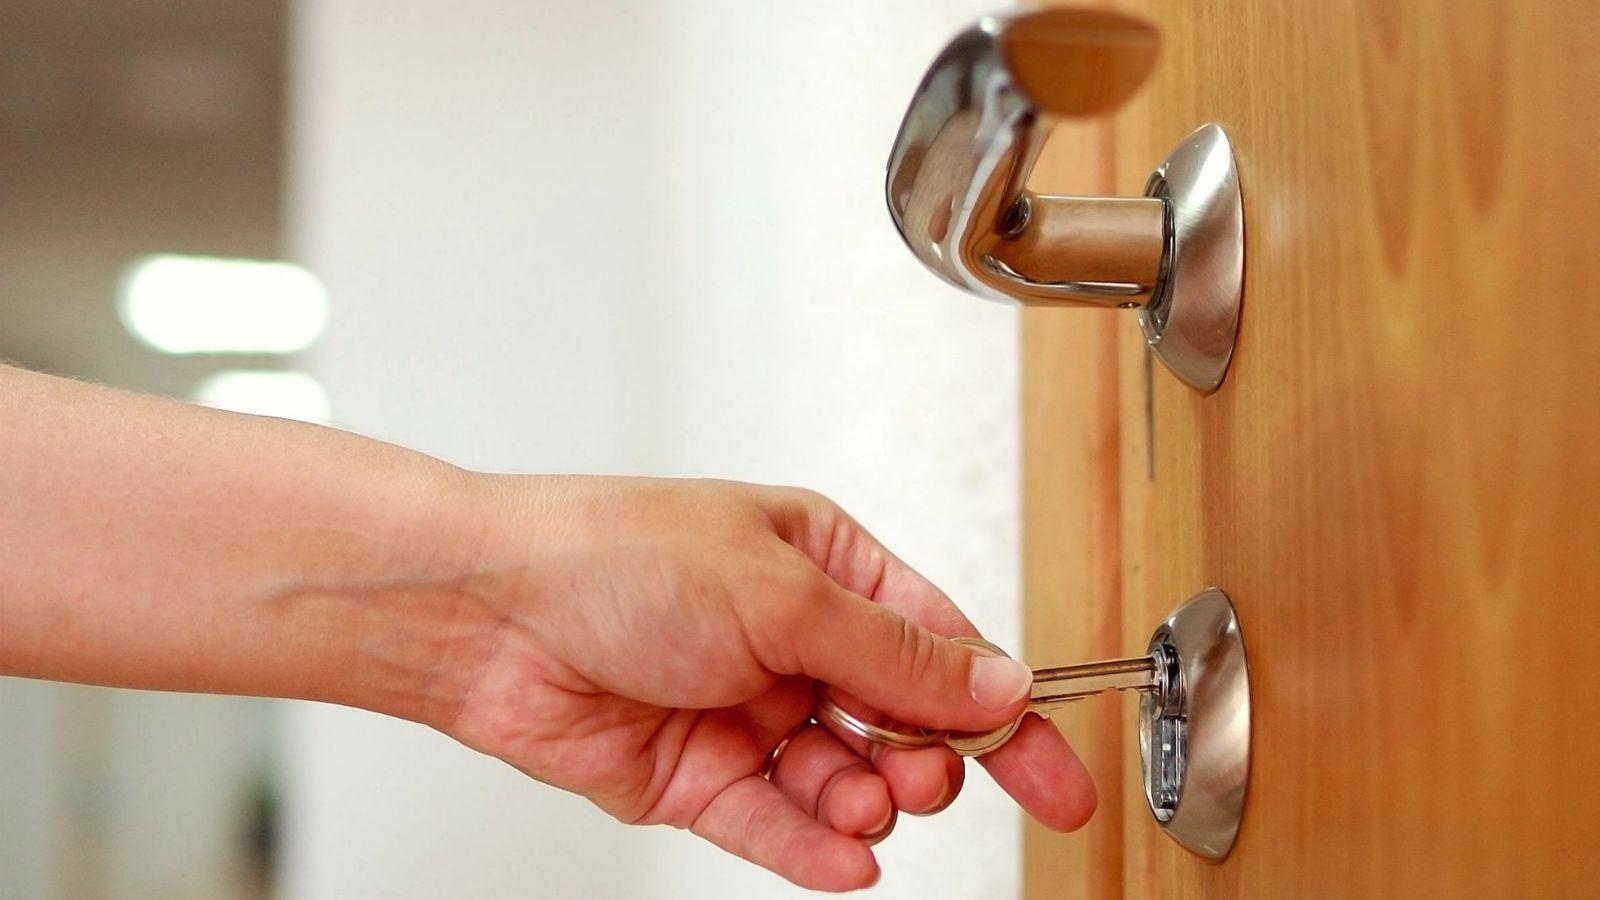 What do locksmiths provide?